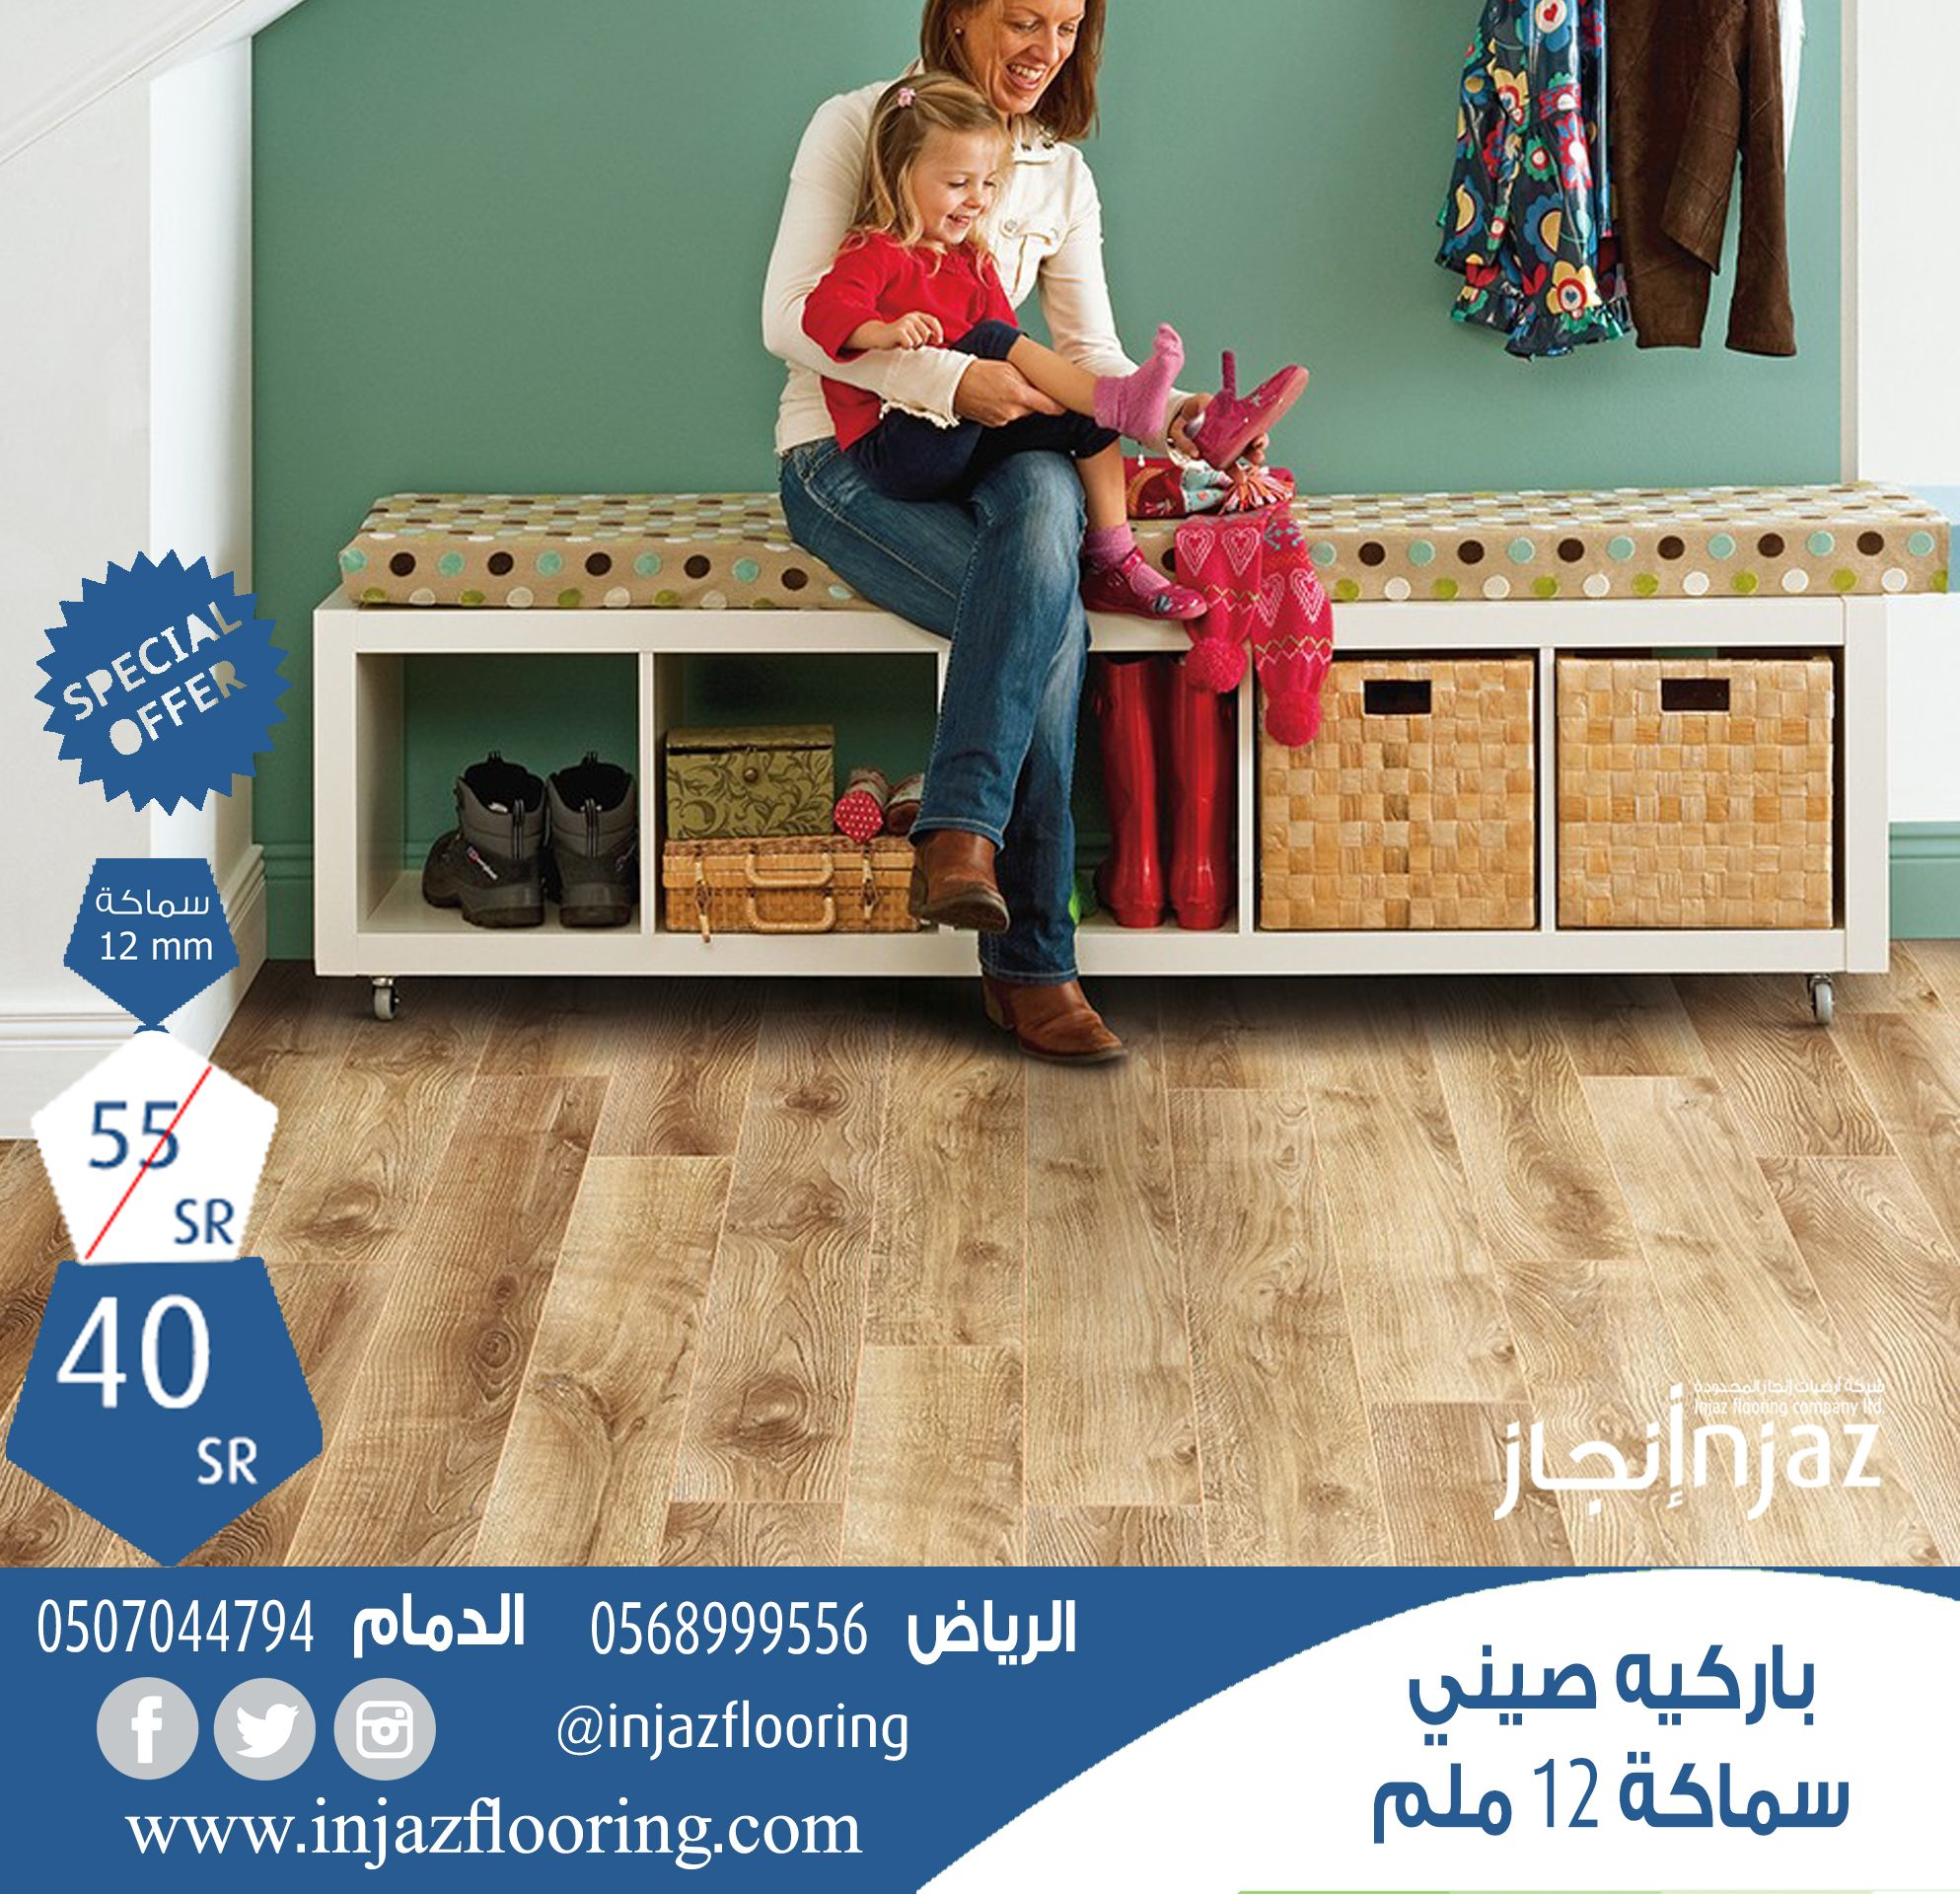 باركيه Laminte Flooring Wood Laminate Flooring Wood Laminate Flooring